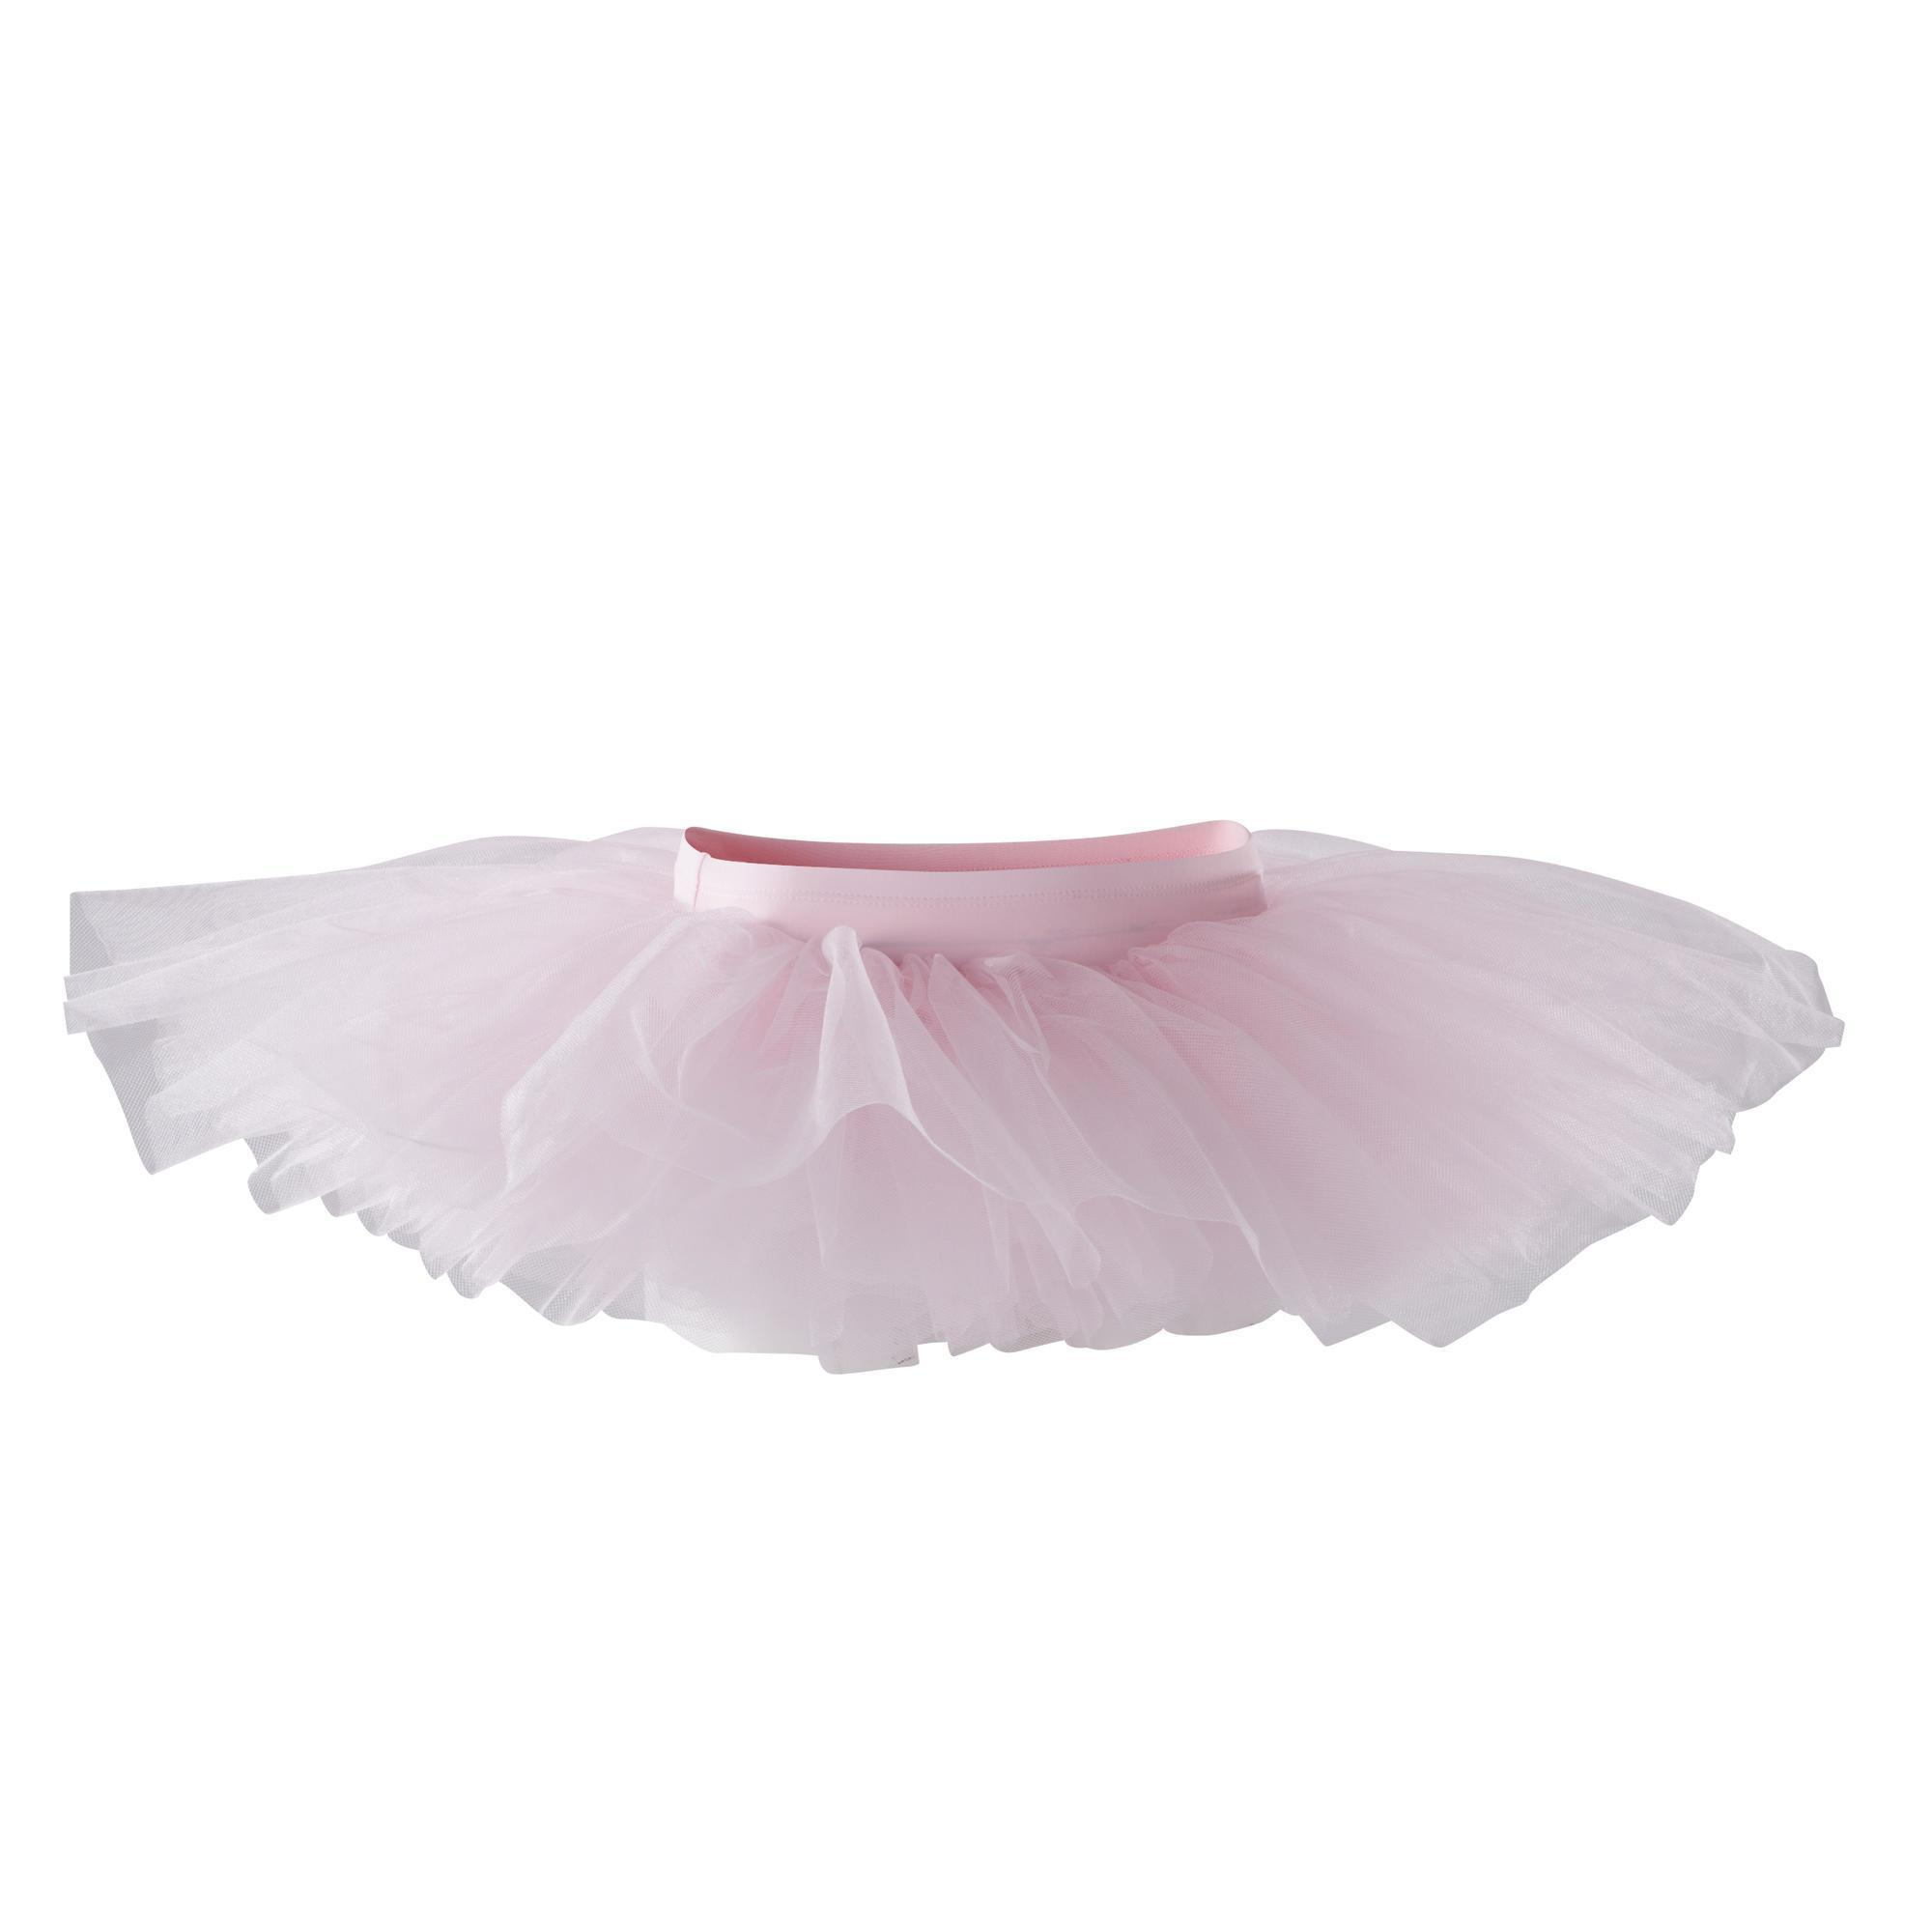 e4c7e7ac7f1036 Ballet kleding kopen online ← Decathlon.nl